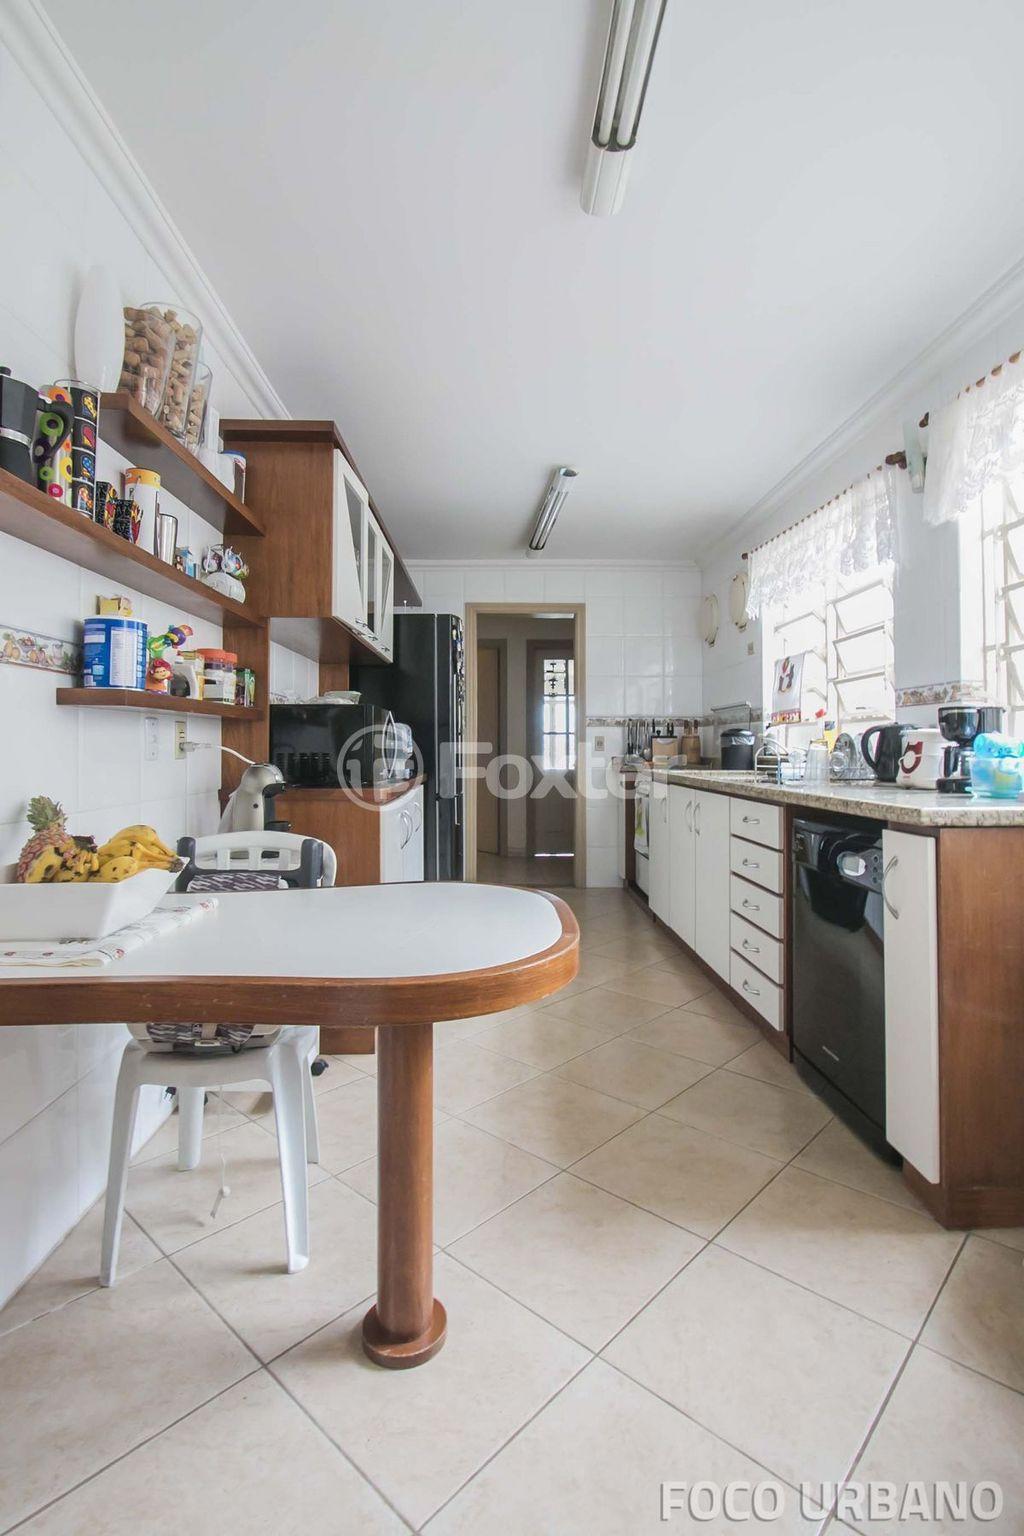 Casa 5 Dorm, Tristeza, Porto Alegre (129174) - Foto 41